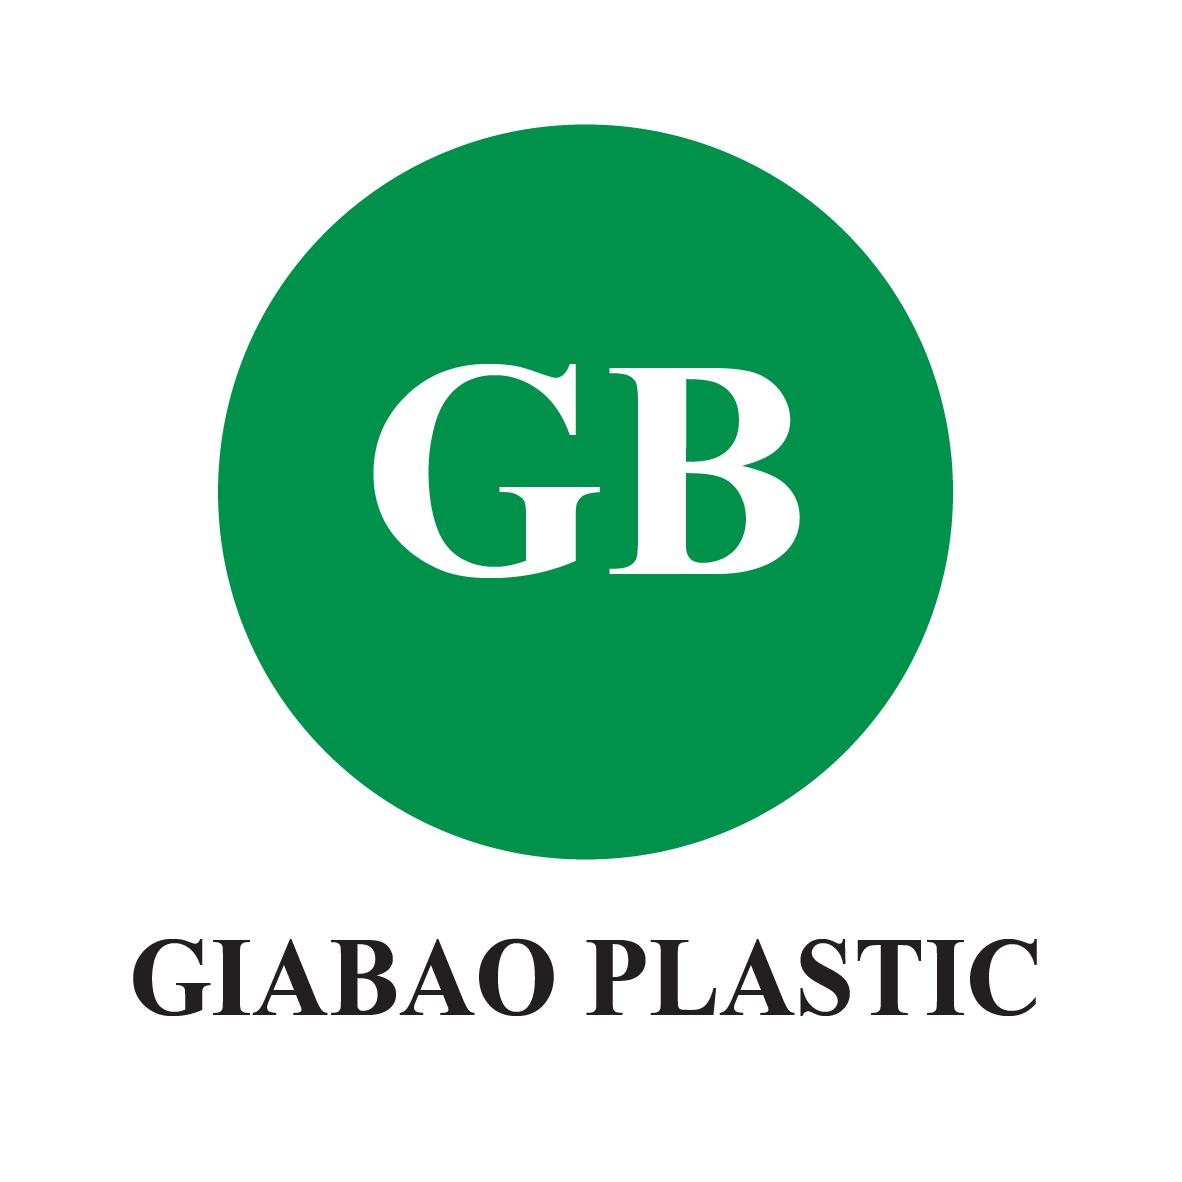 Hạt Nhựa Gia Bảo – Gia Bảo Plastic